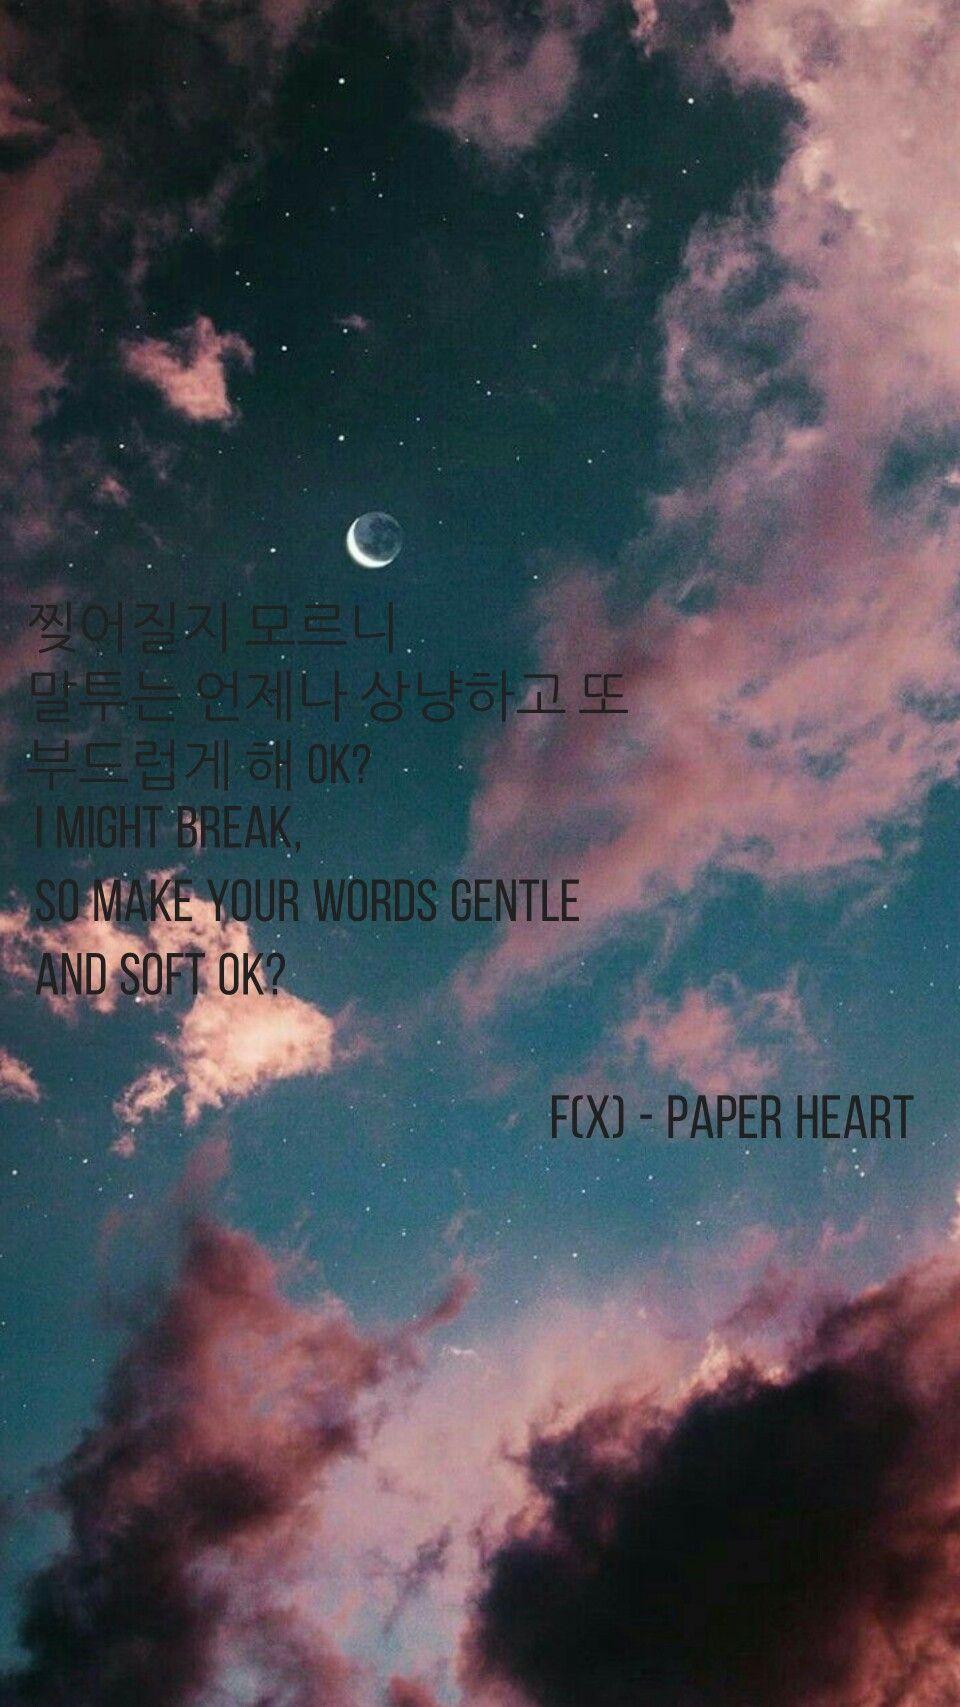 Fx Lyrics Wallpaper